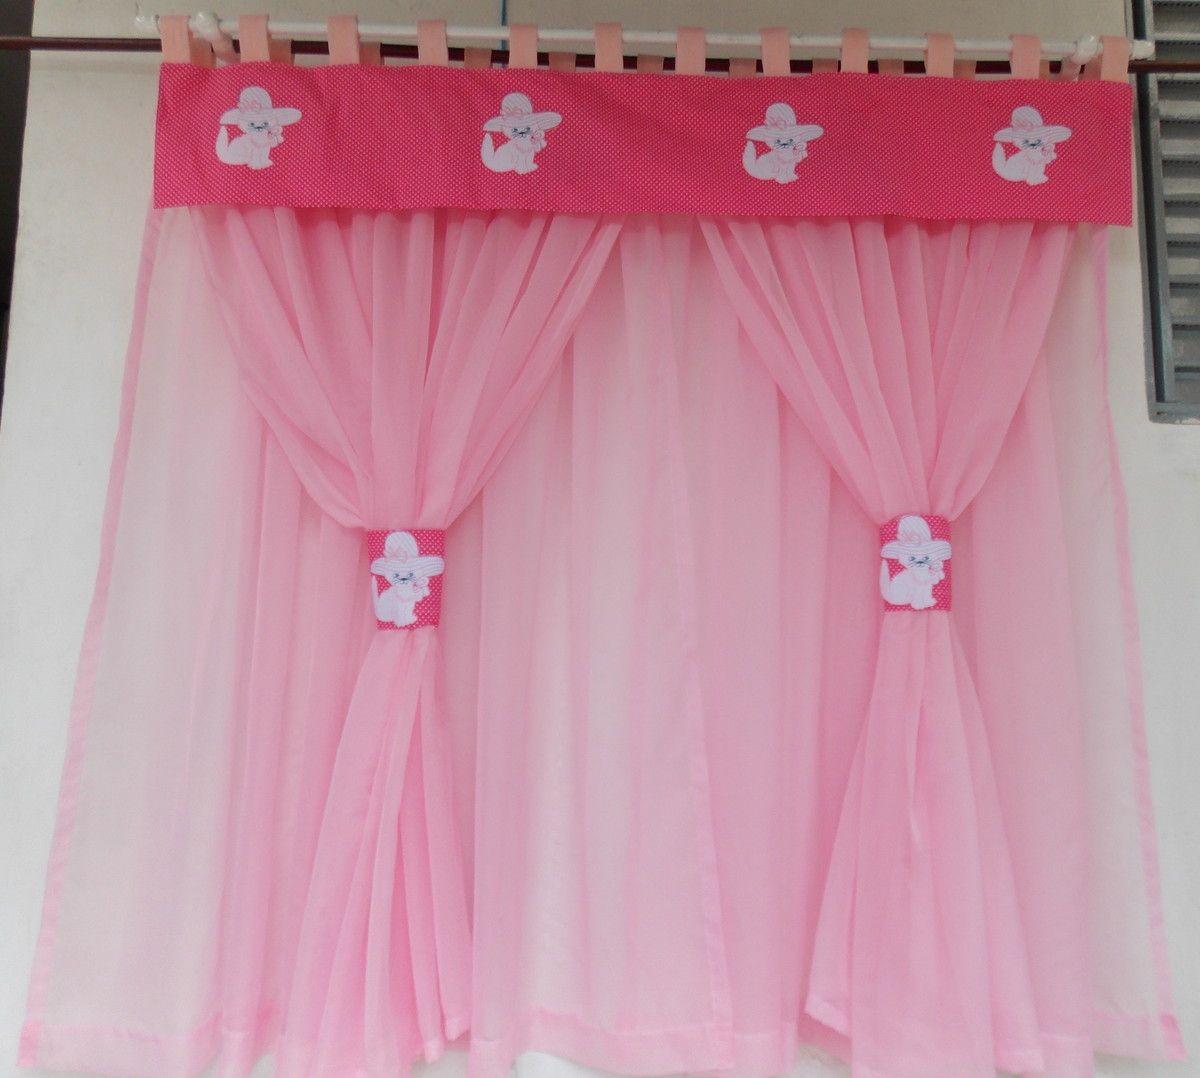 Cortina infantil voil rosa bando de algod o bandos de - Bandos para cortinas ...